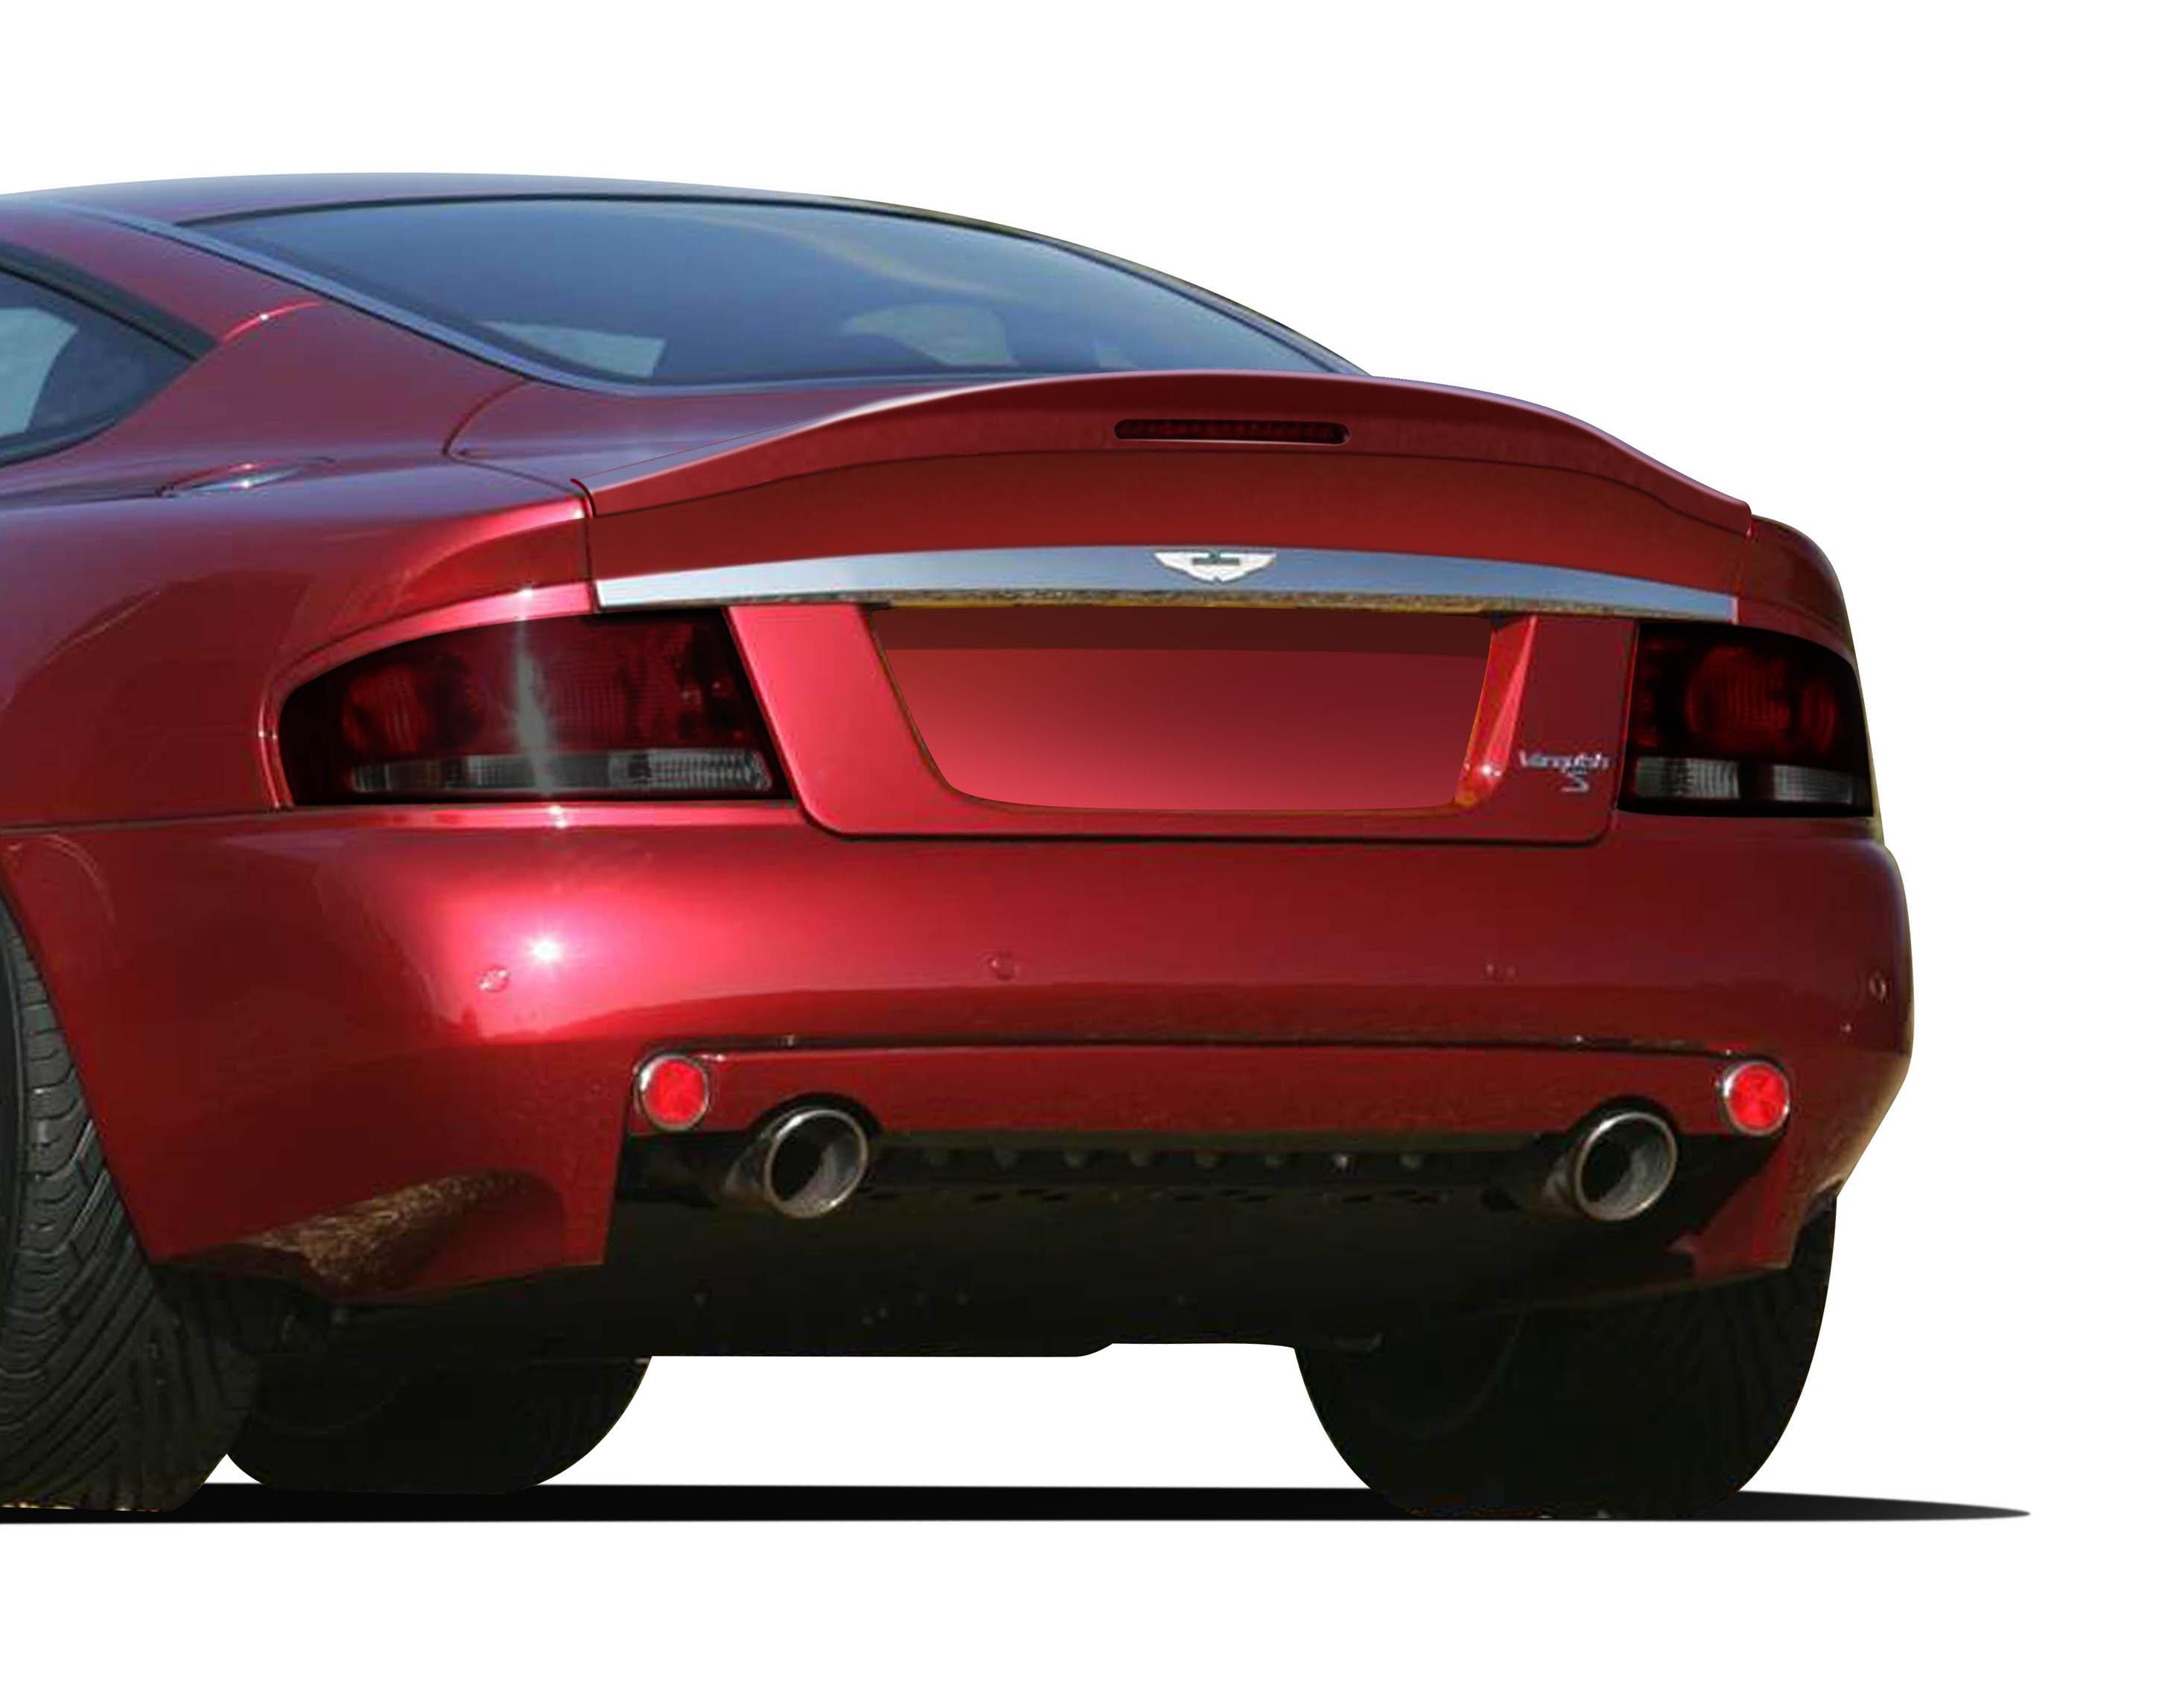 2002 Aston Martin Vanquish ALL - Fiberglass+ Trunk/Hatch Bodykit - 2002-2006 Aston Martin Vanquish S AF-1 Trunk Spoiler ( GFK ) - 1 Piece